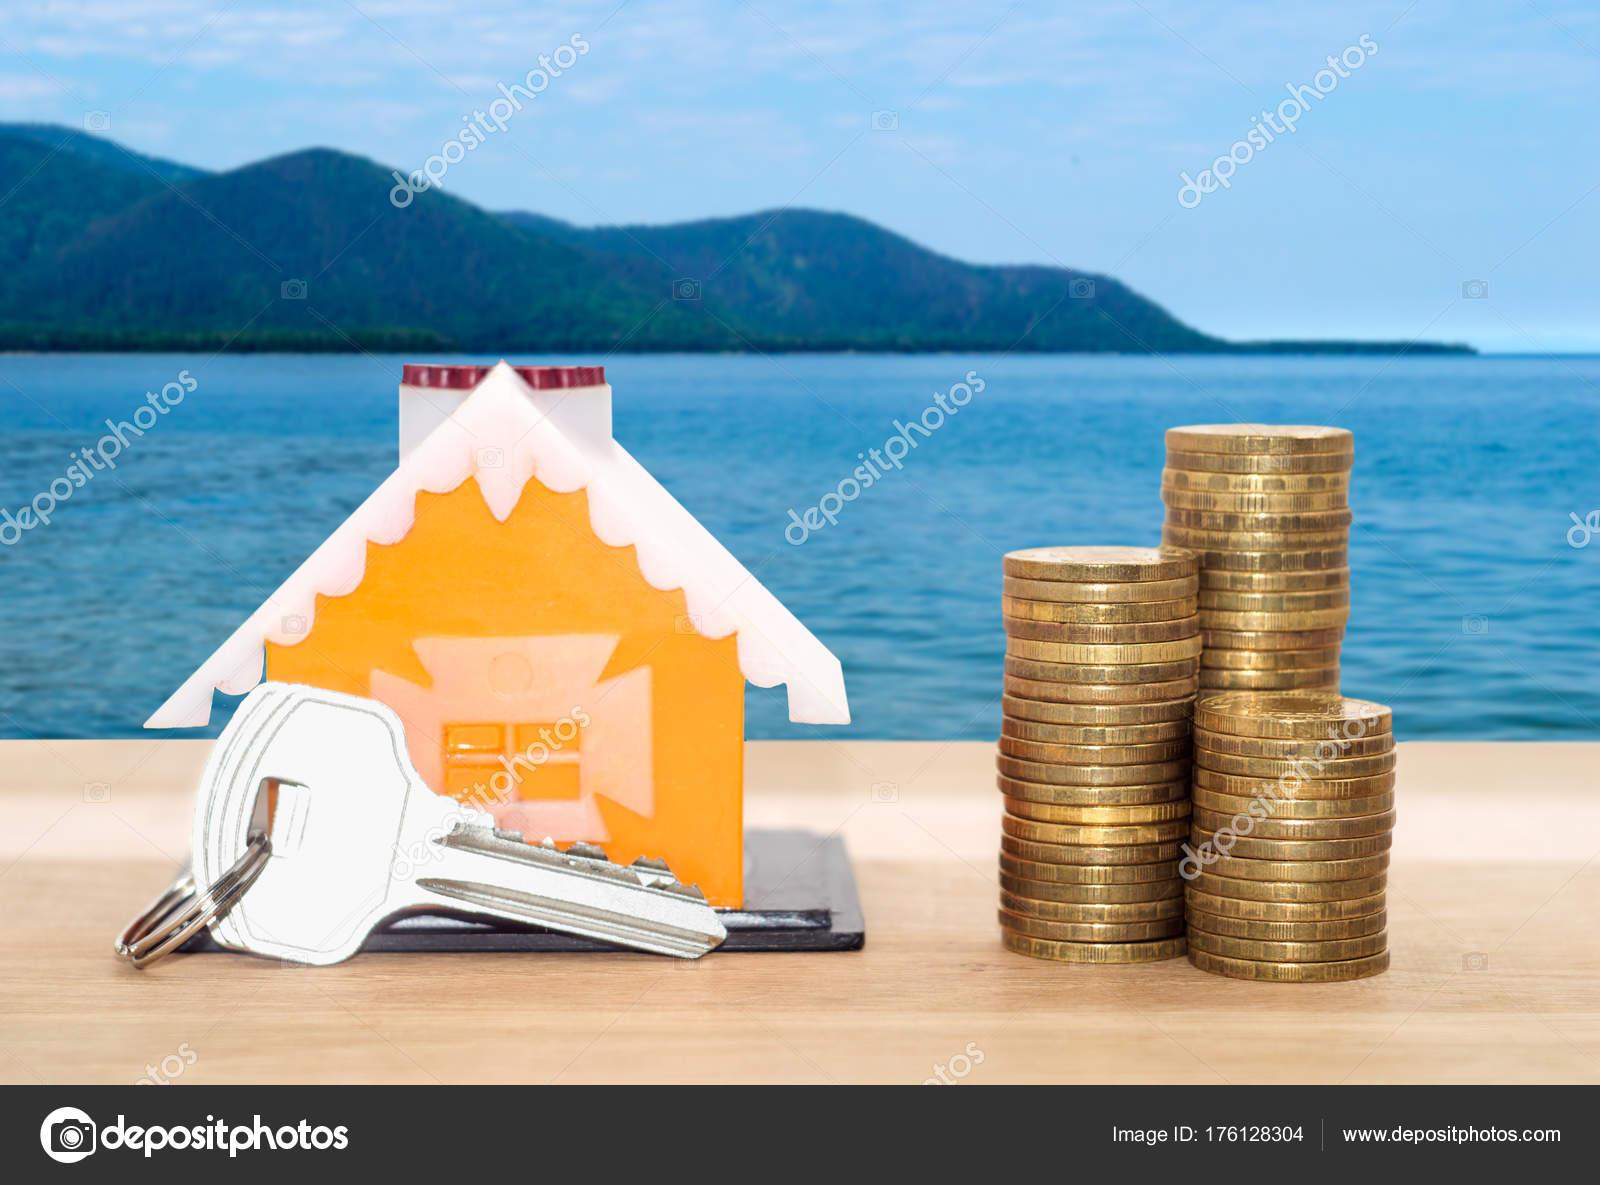 Advance fee loans image 6